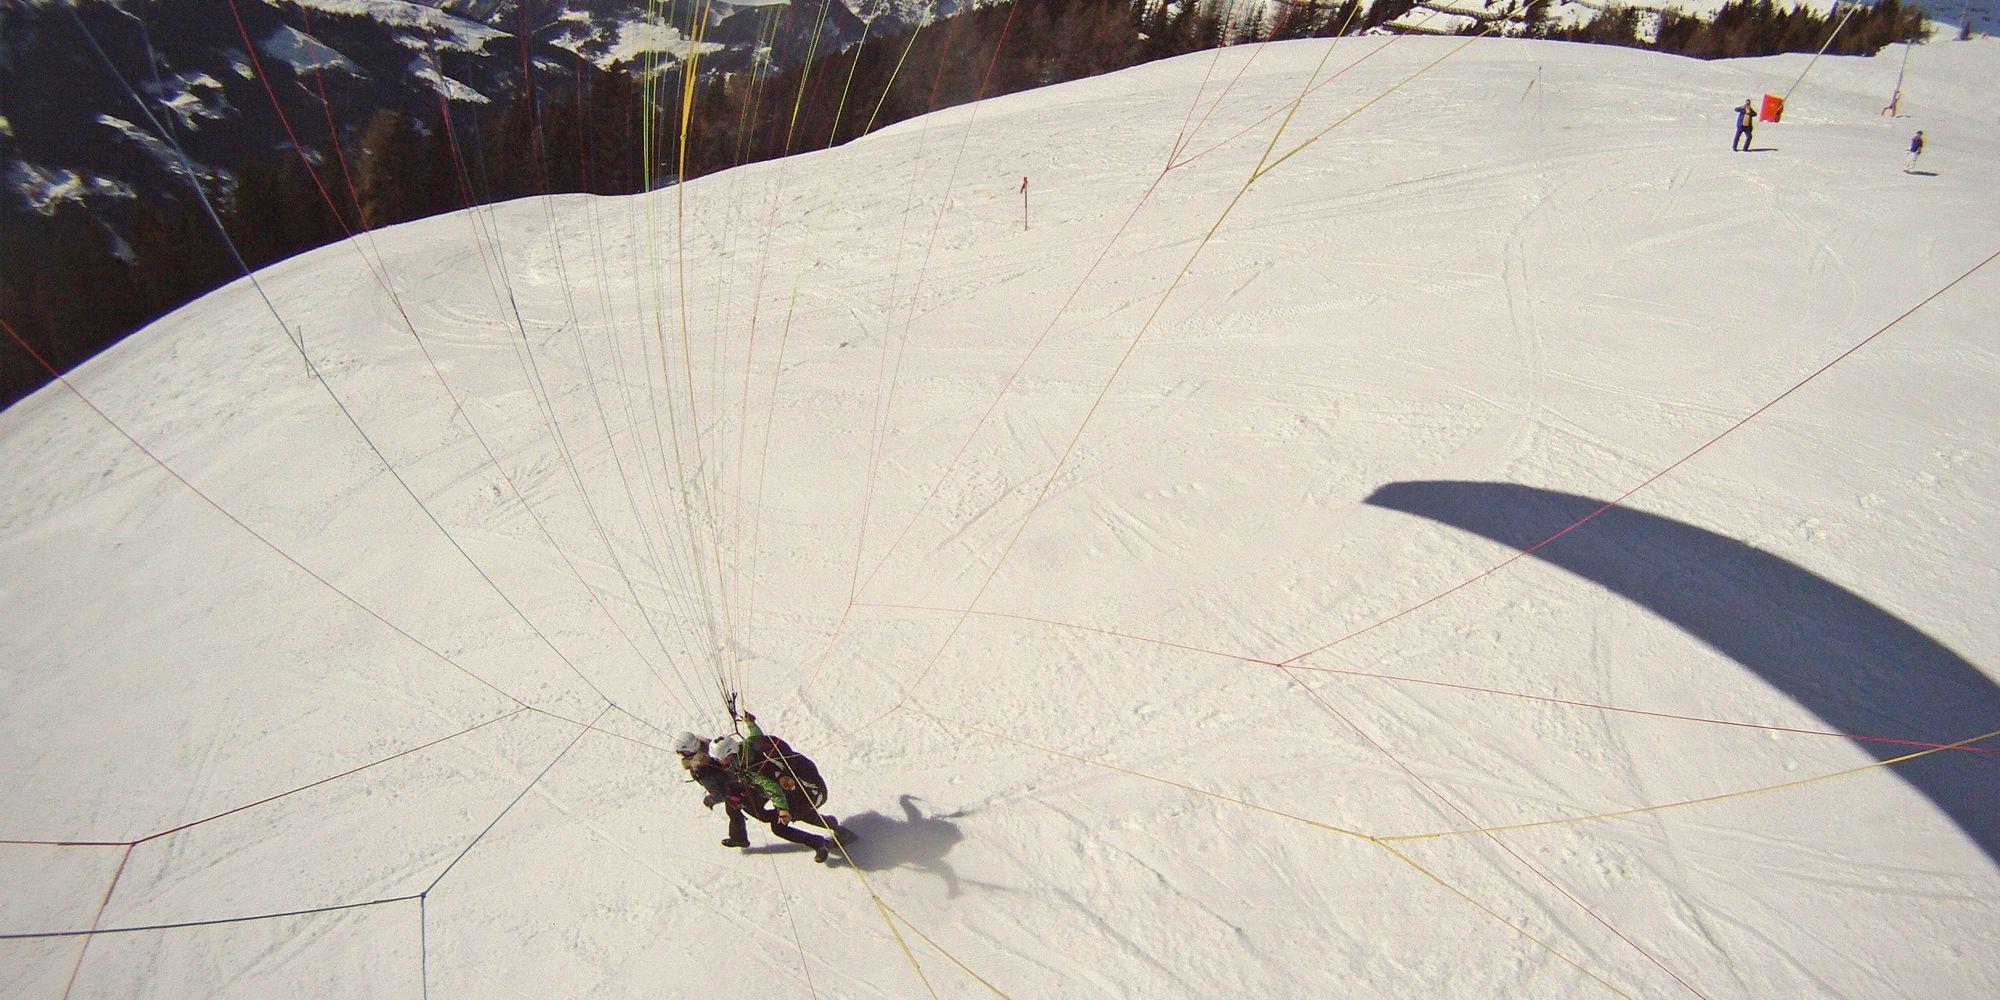 Abflug von einer Piste im Skigebiet